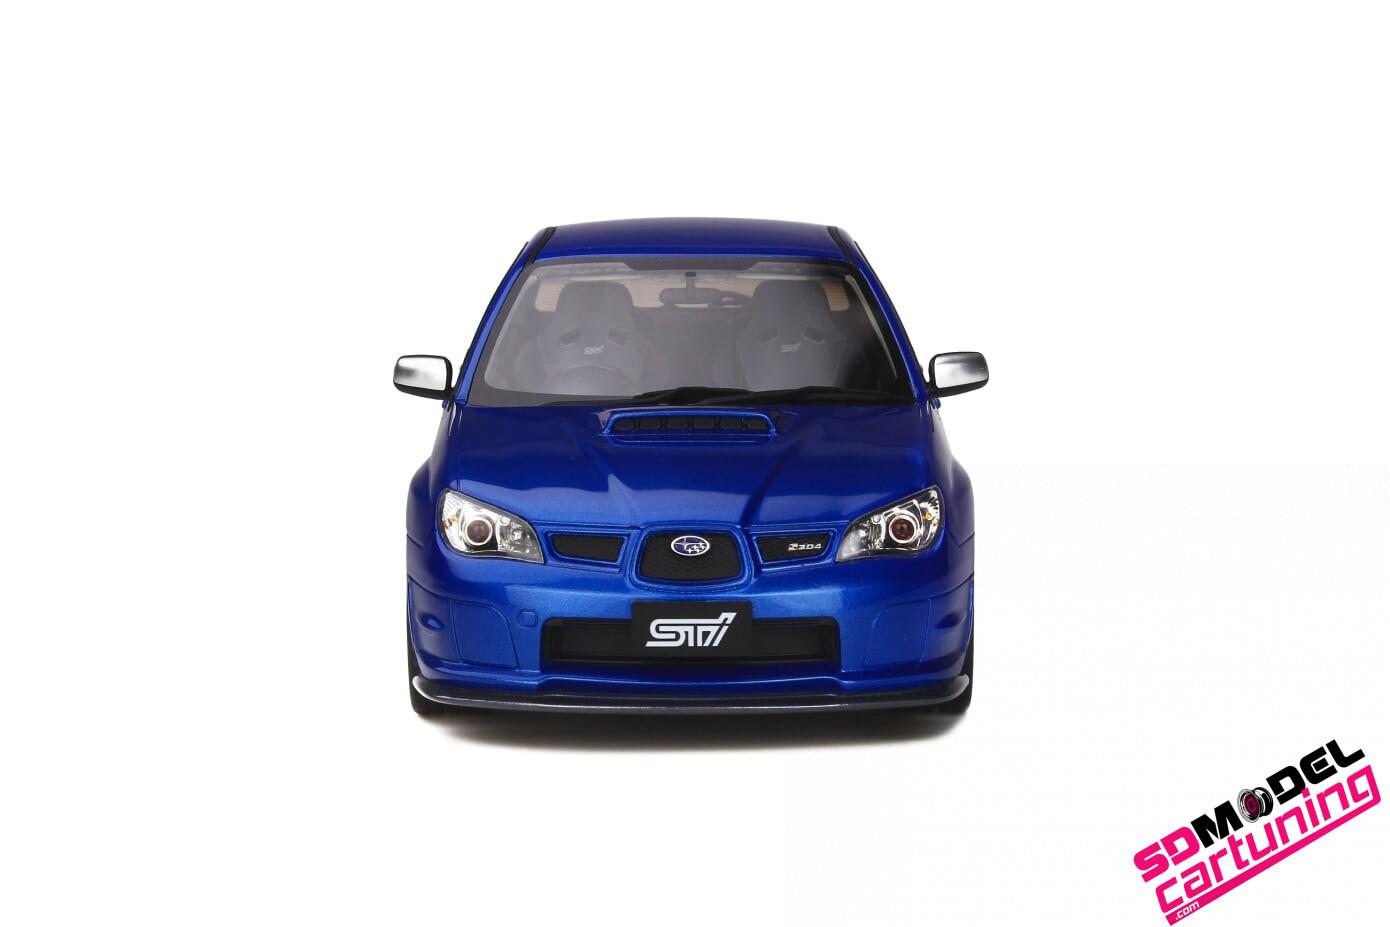 1:18 Subaru Impreza STI S204